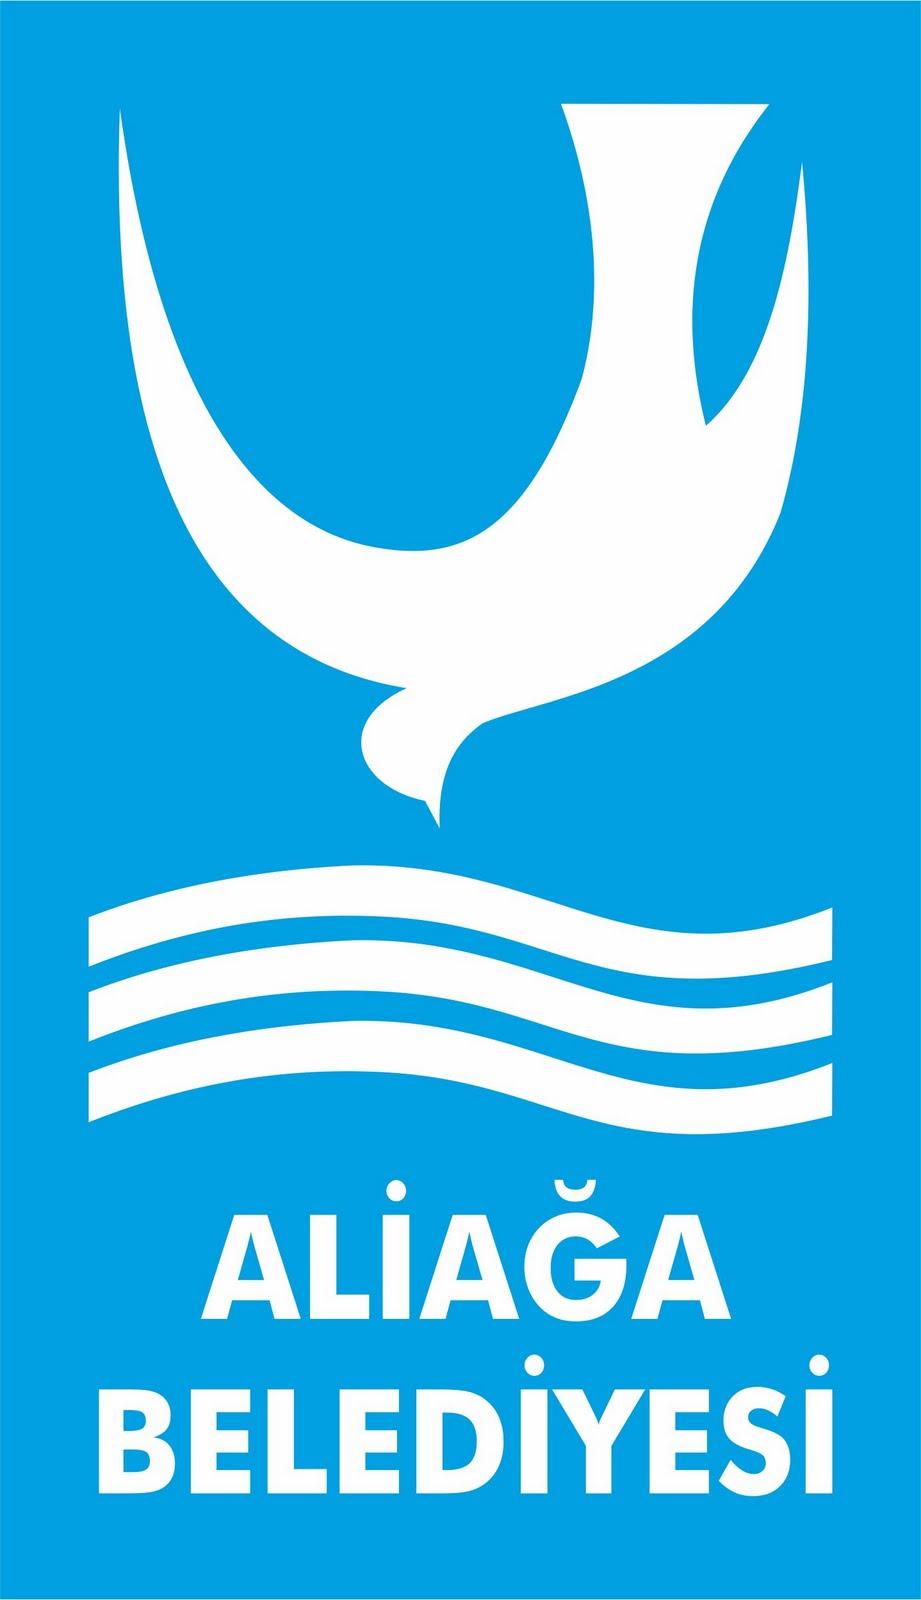 aliaga-belediyesi